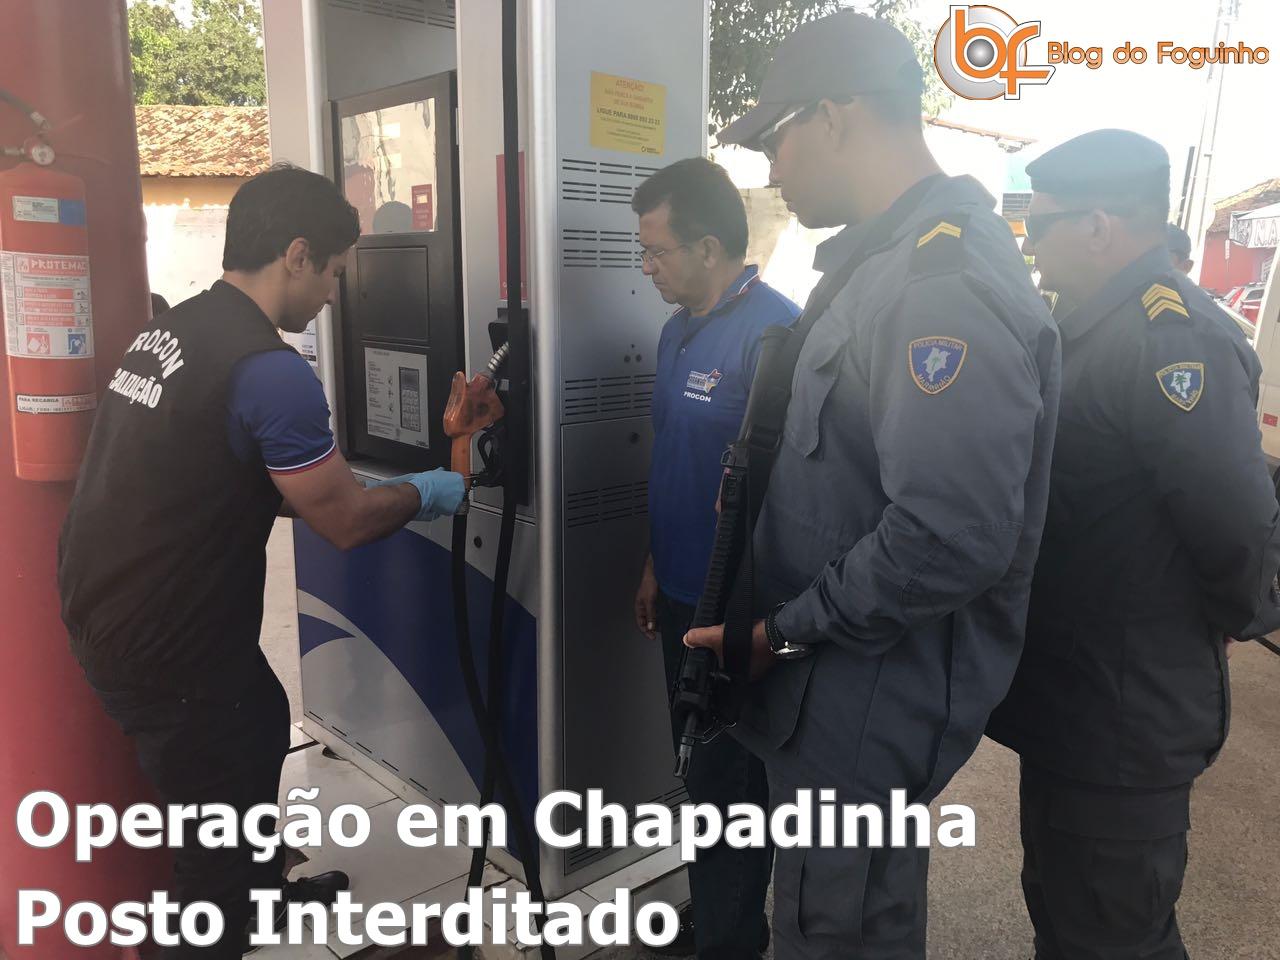 Urgente! Operação do Procon Interdita Postos de Combustíveis em Chapadinha.